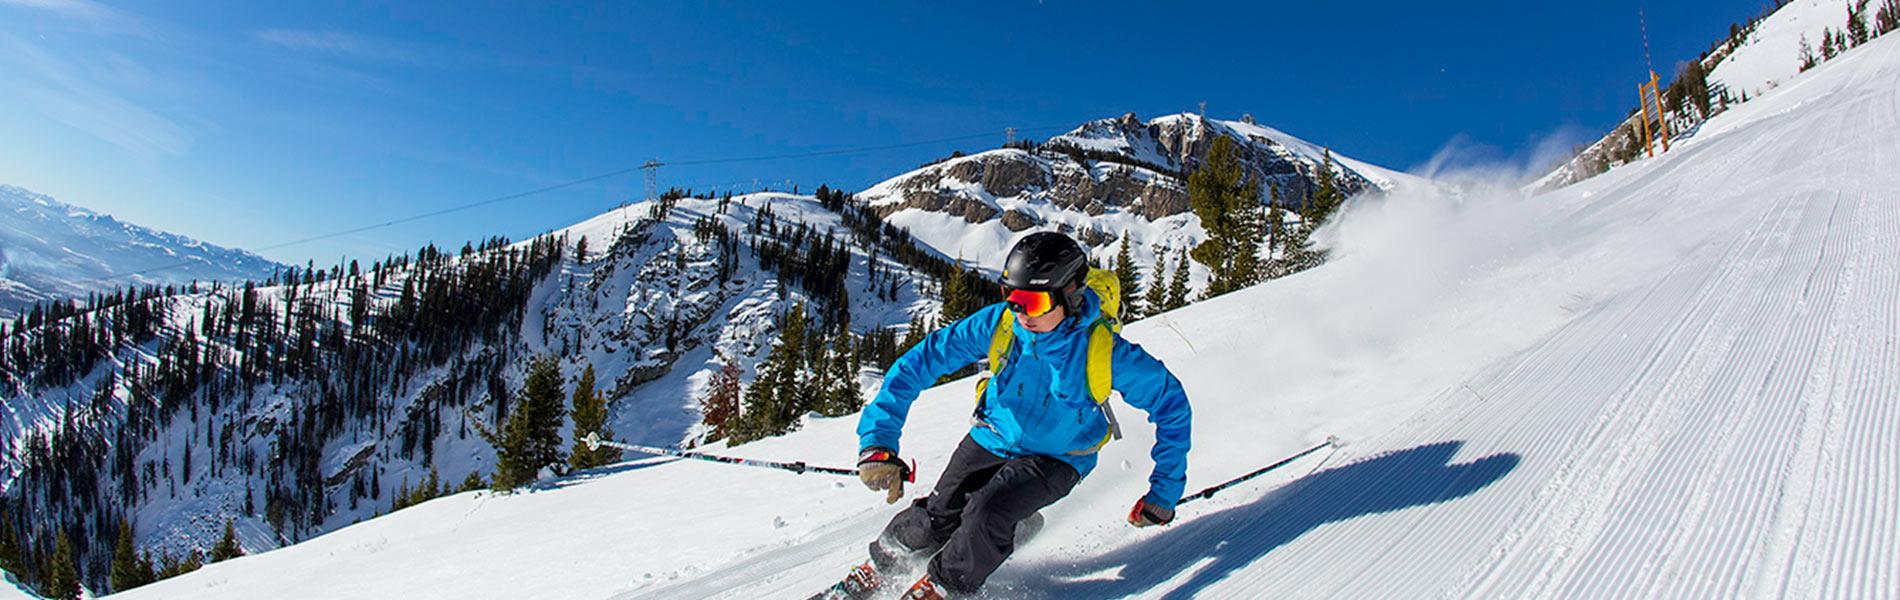 Mountain skier in soft powder